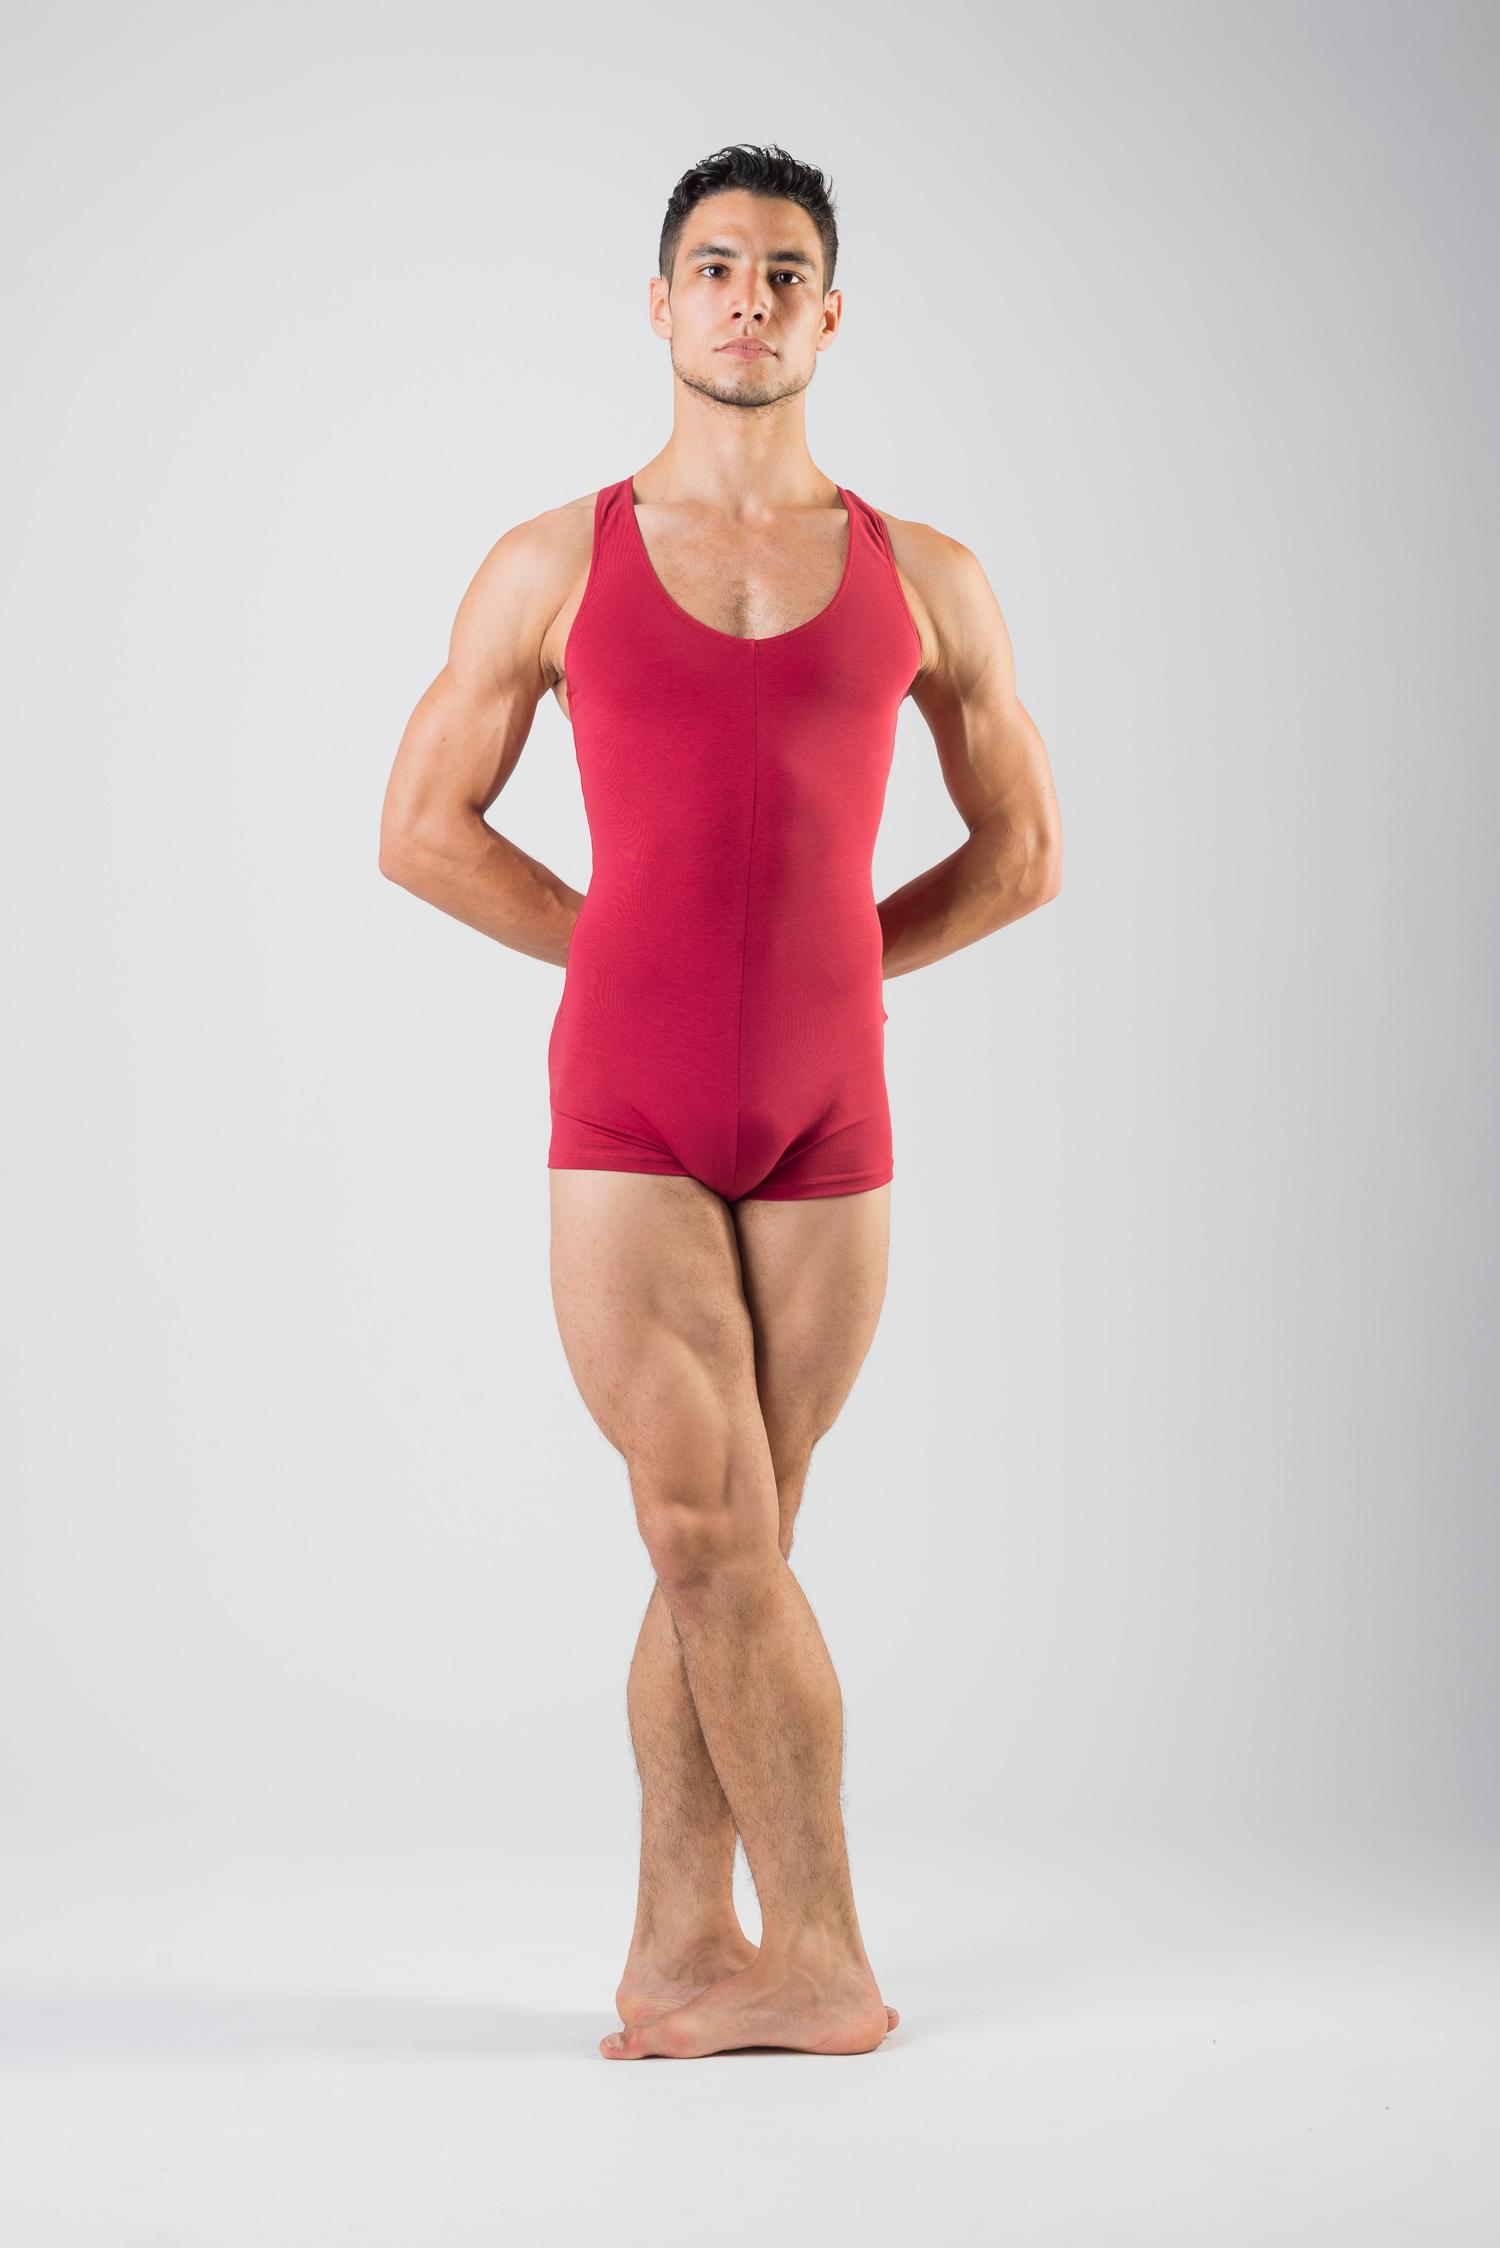 Combinaison homme Patrick Ballet Rosa bordeaux - Mademoiselle Danse 46b1a2f81a3